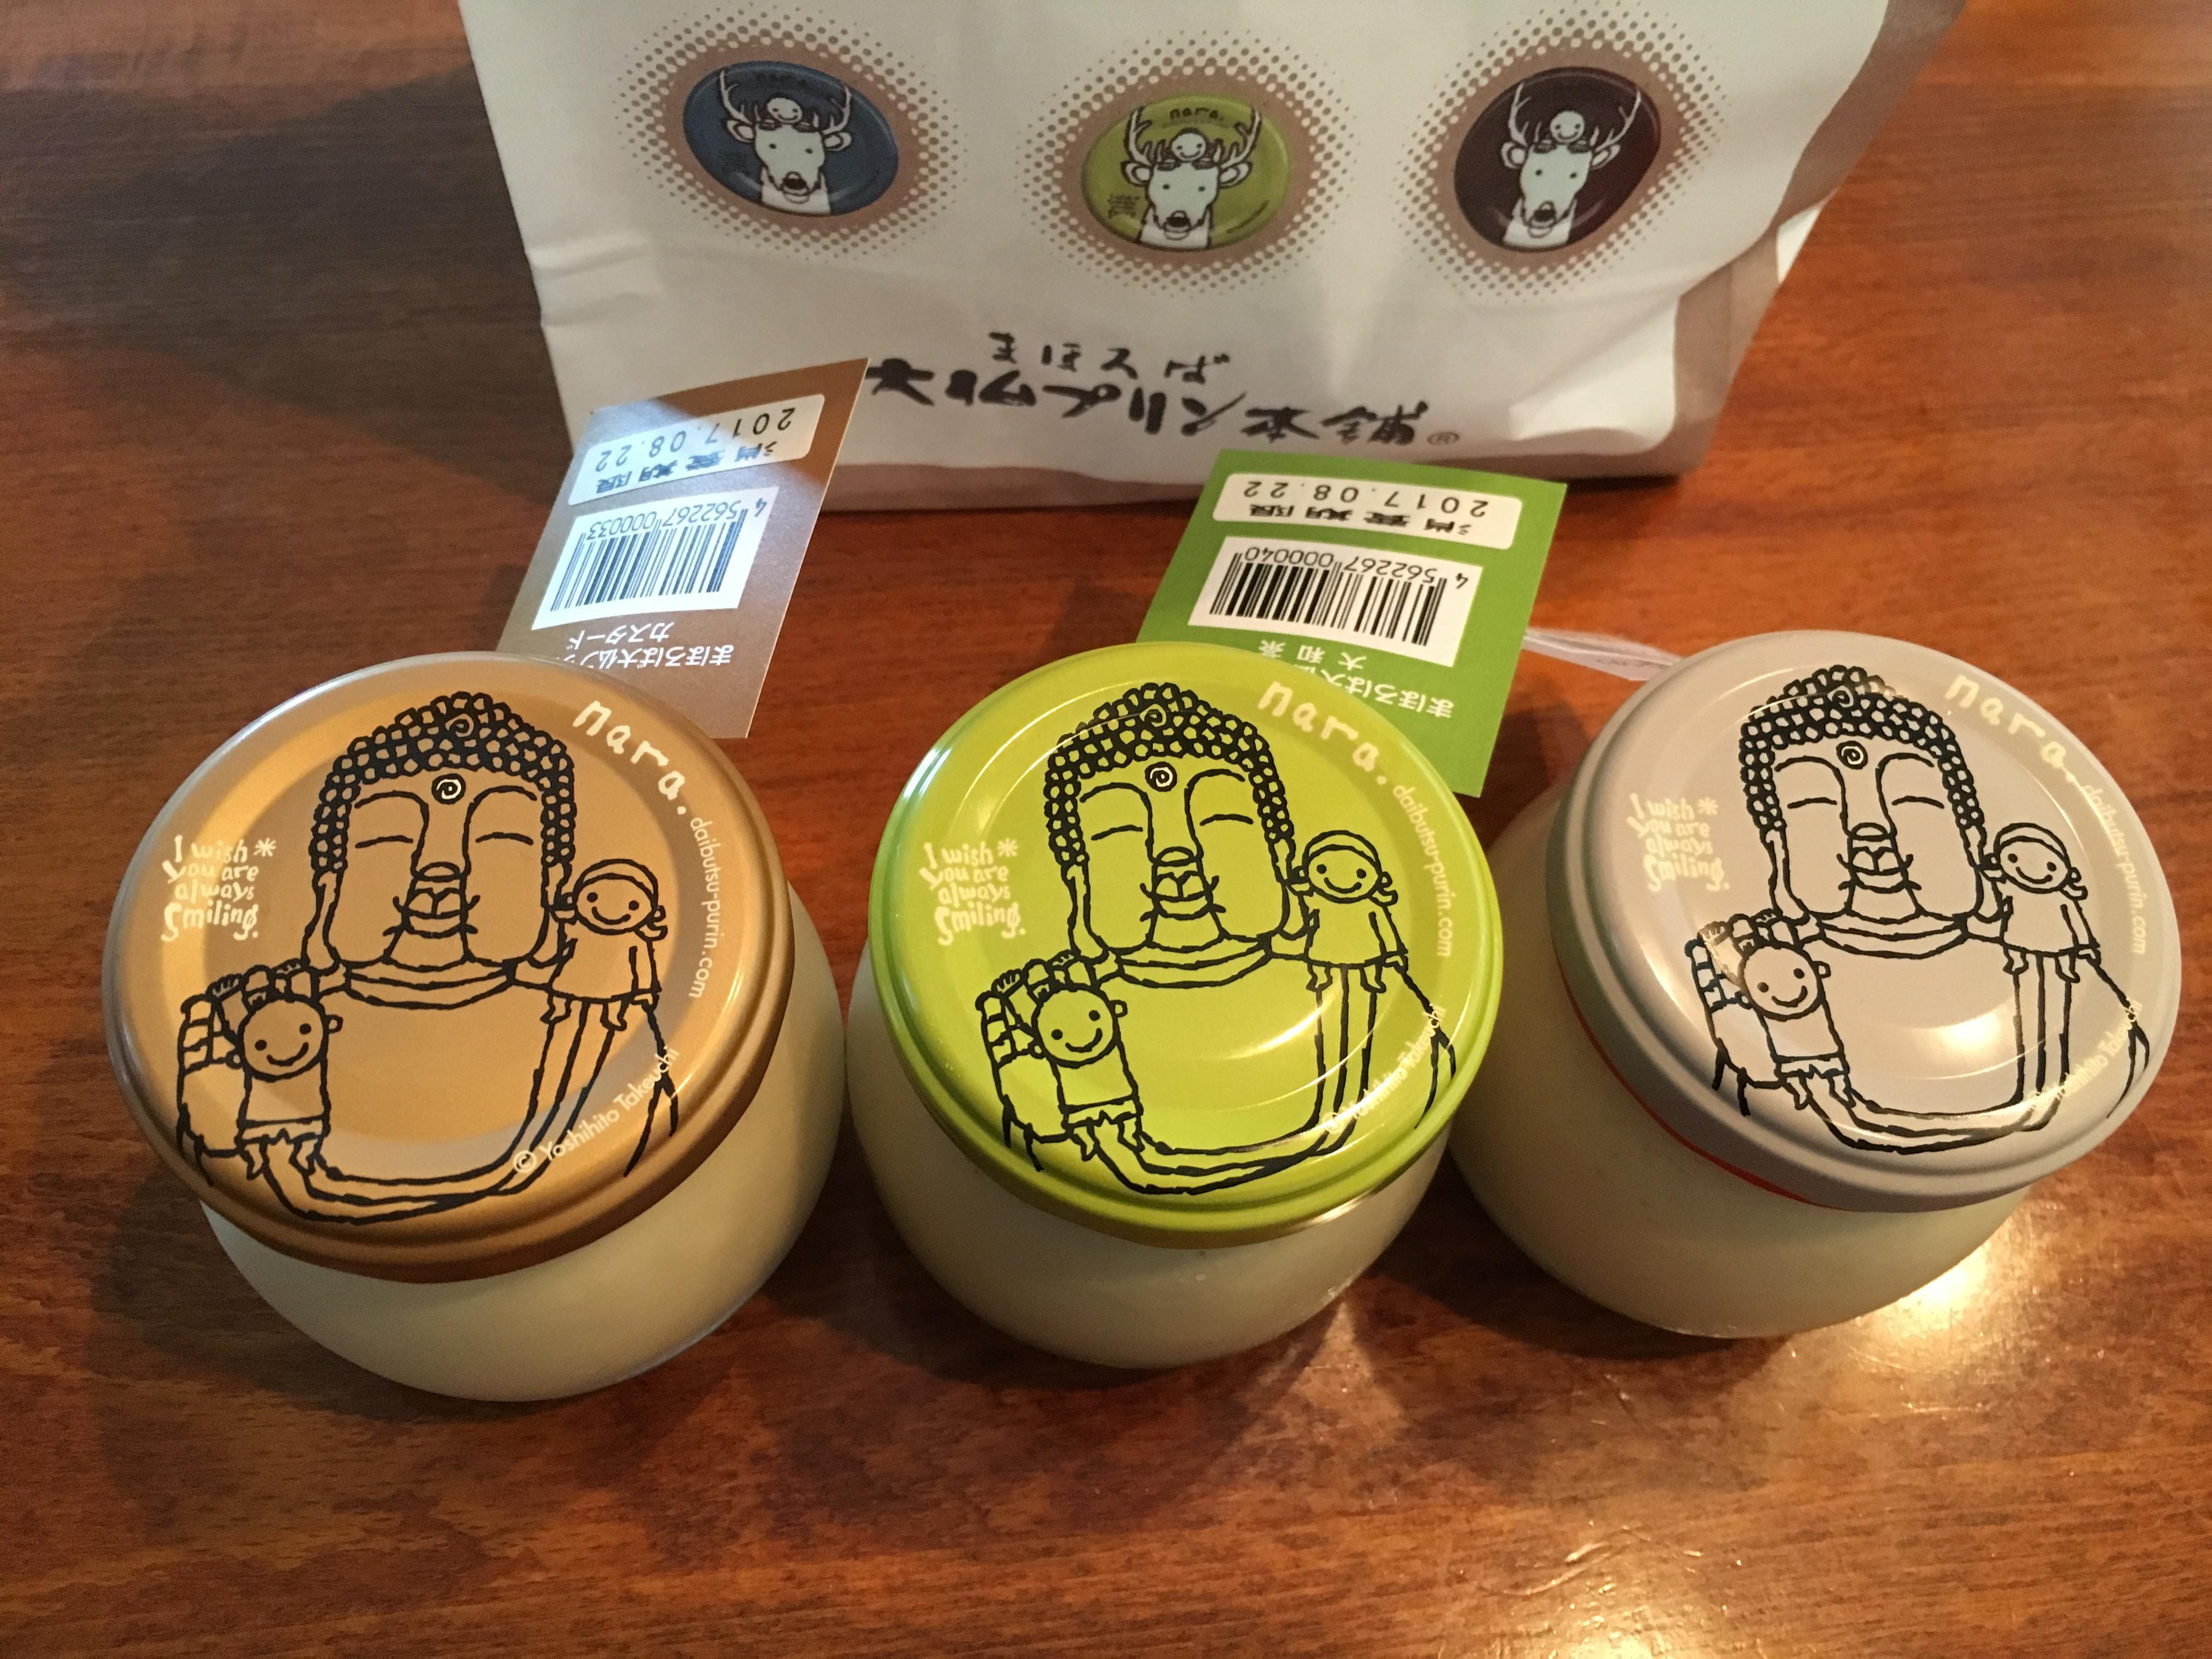 奈良の大仏プリンでおすすめの3種類を食べくらべてみた!その味とは?